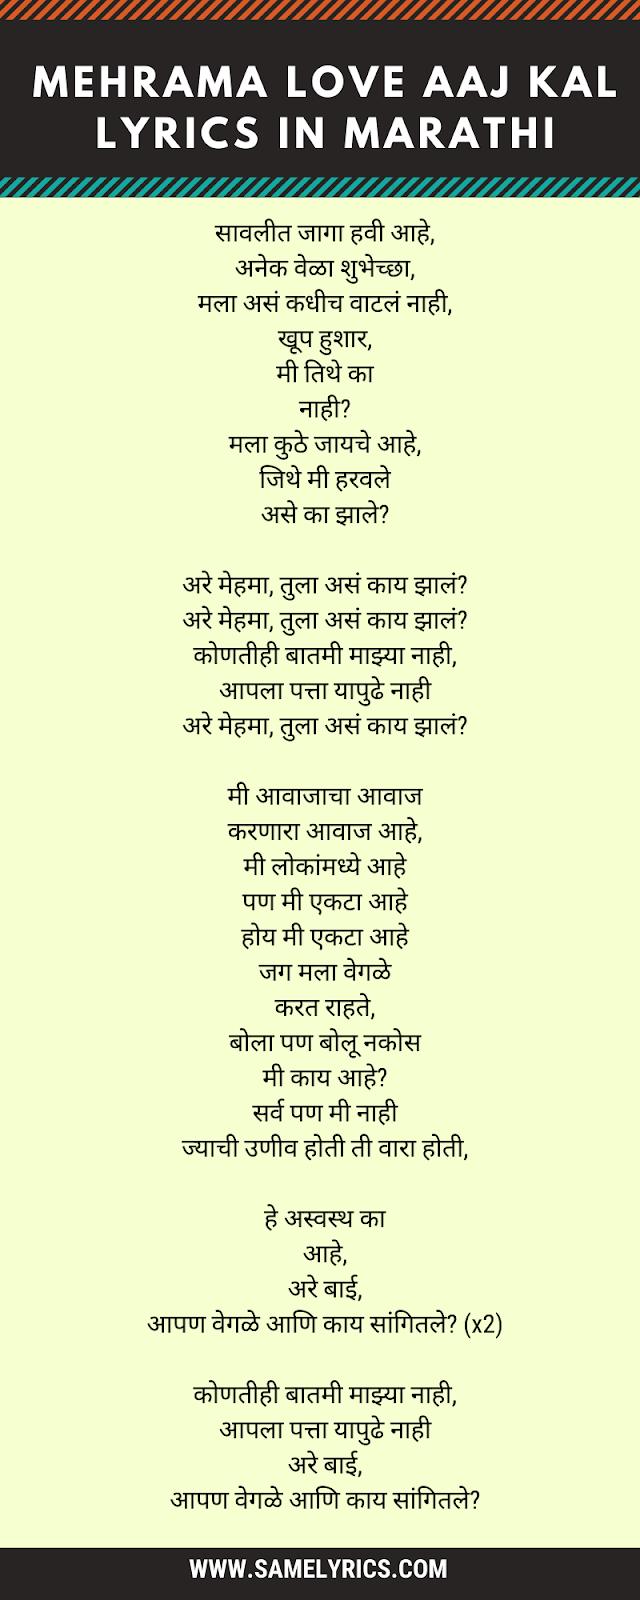 Mehrama Love Aaj Kal Lyrics In Marathi